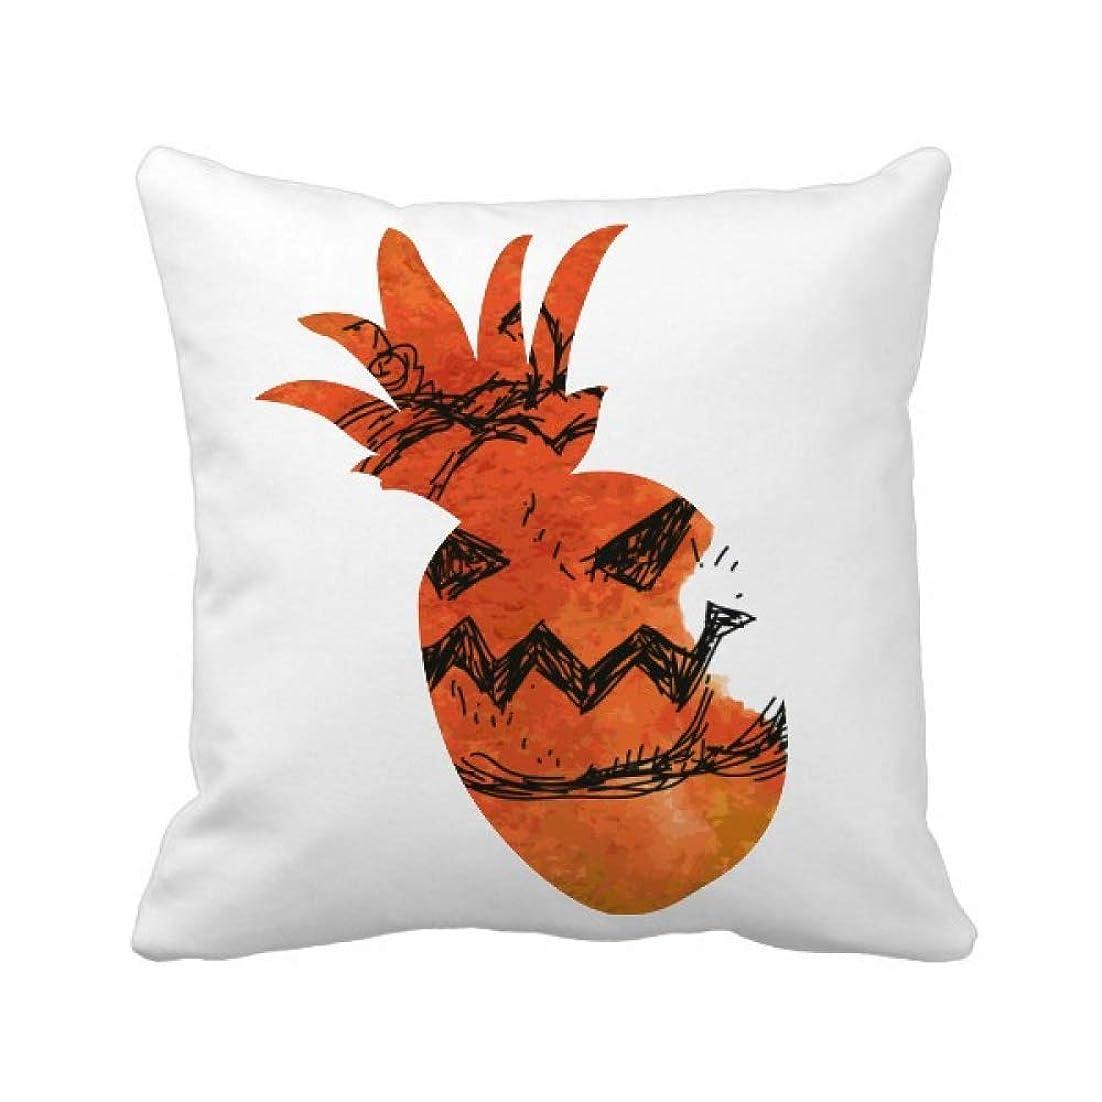 より良い巻き戻す才能のあるハロウィンのカボチャを手塗り パイナップル枕カバー正方形を投げる 50cm x 50cm